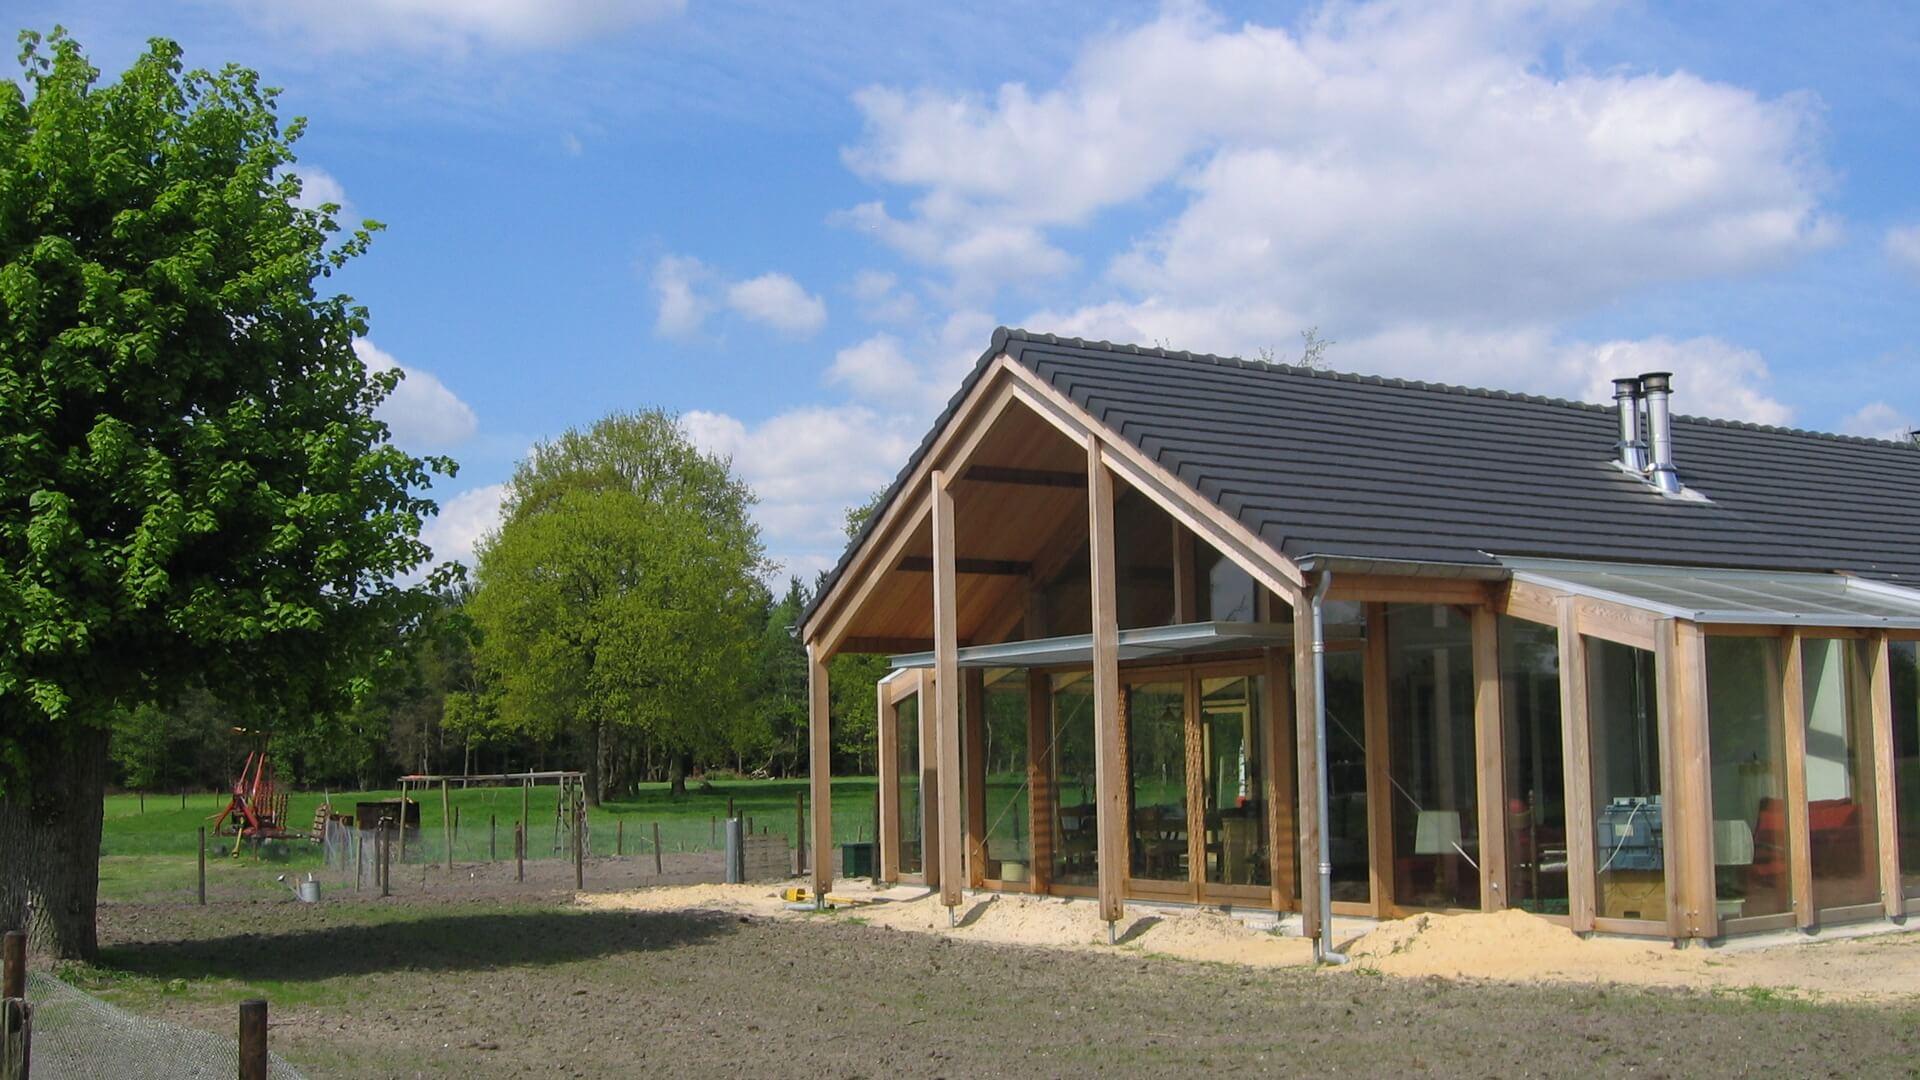 Verbouwing schuur bergeijk franken architectuur bv - Architectuur en constructie ...